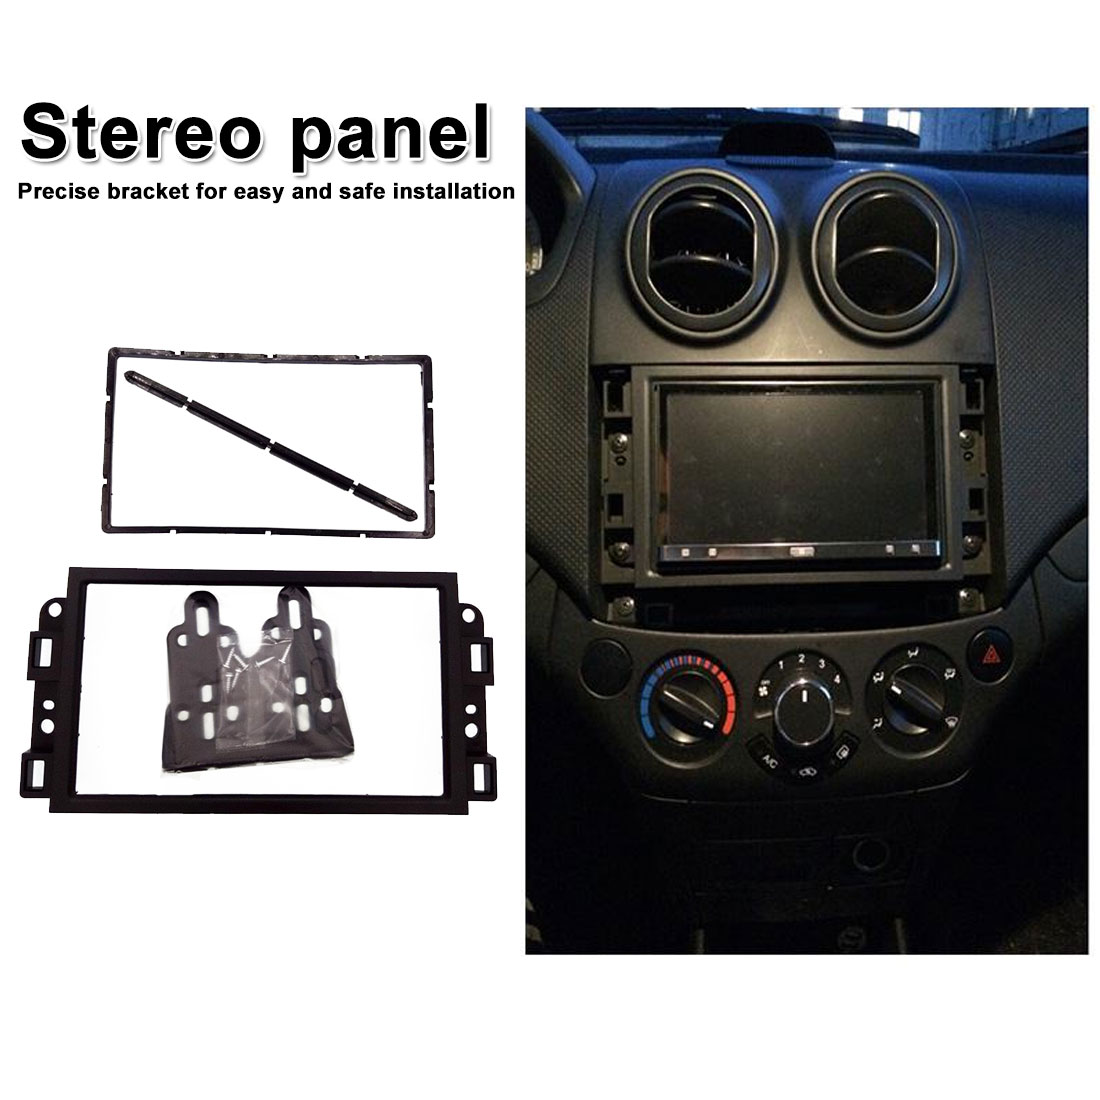 Voor Chevrolet Lova Captiva Gentra Aveo 2006 2007-2011 Audio En Video Modificatie Frame 2DIN Conversie Bracket Panel